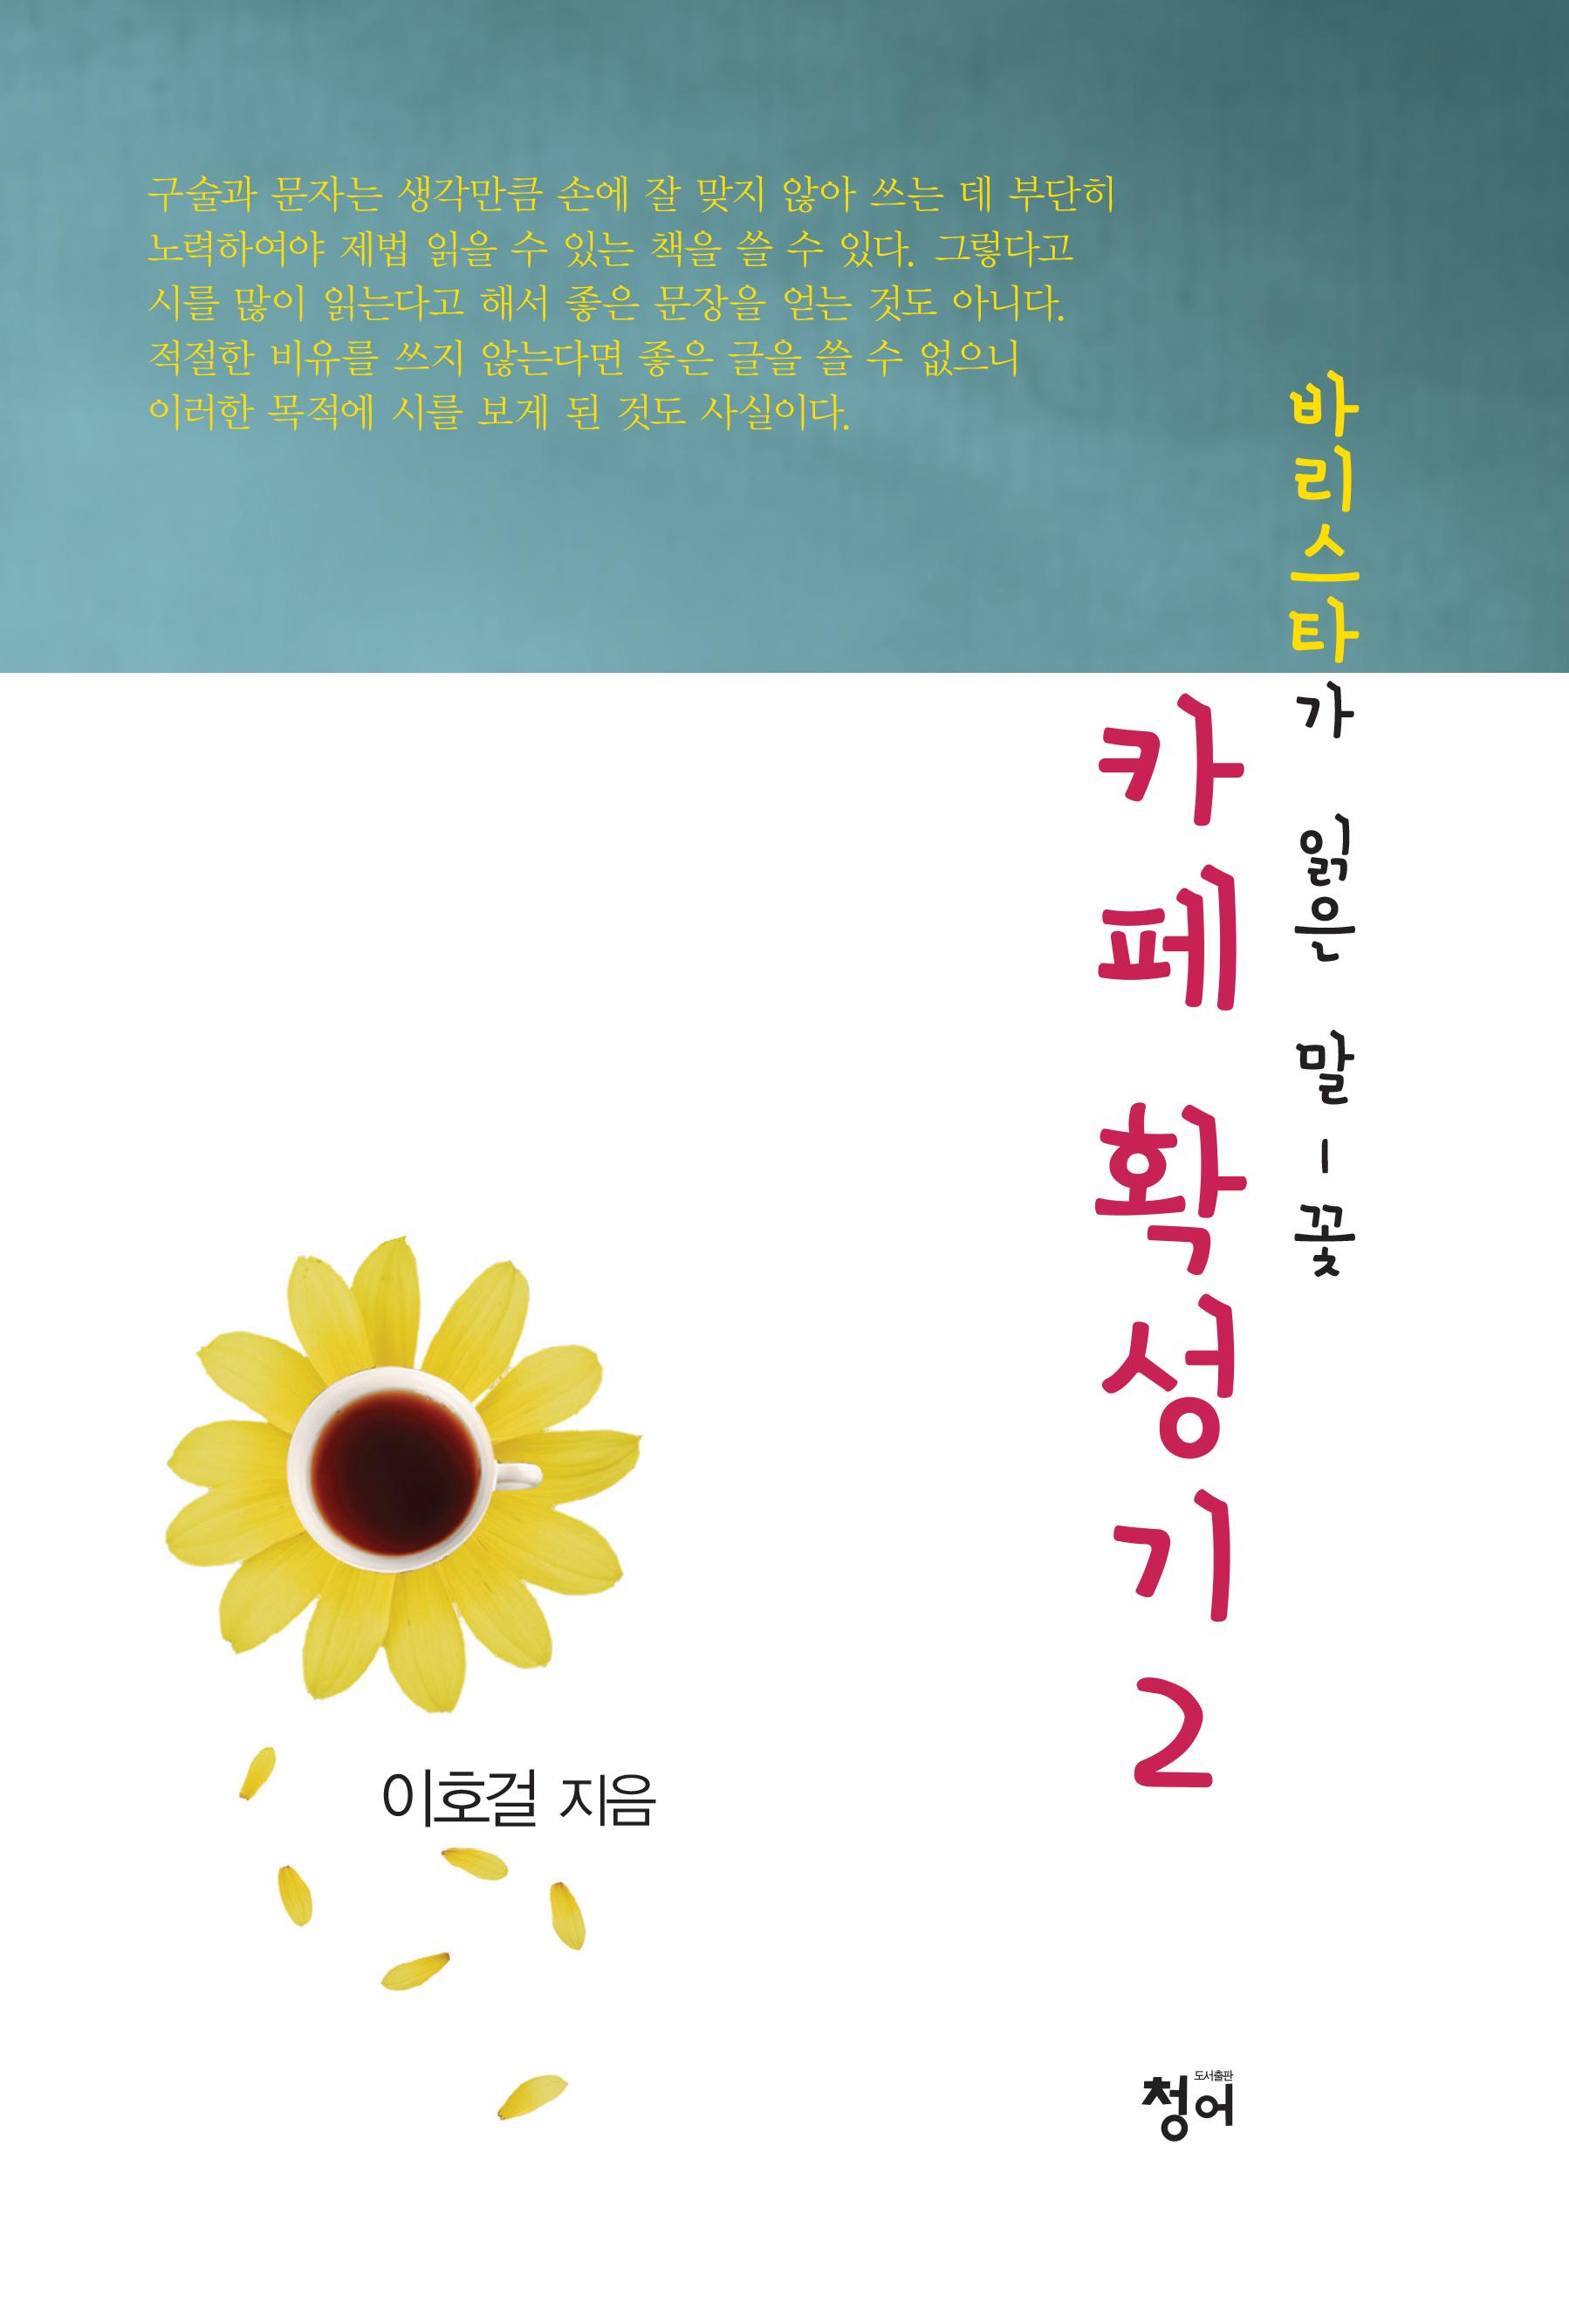 [카페 확성기] 카페 확성기 2 : 바리스타가 읽은 말 - 꽃